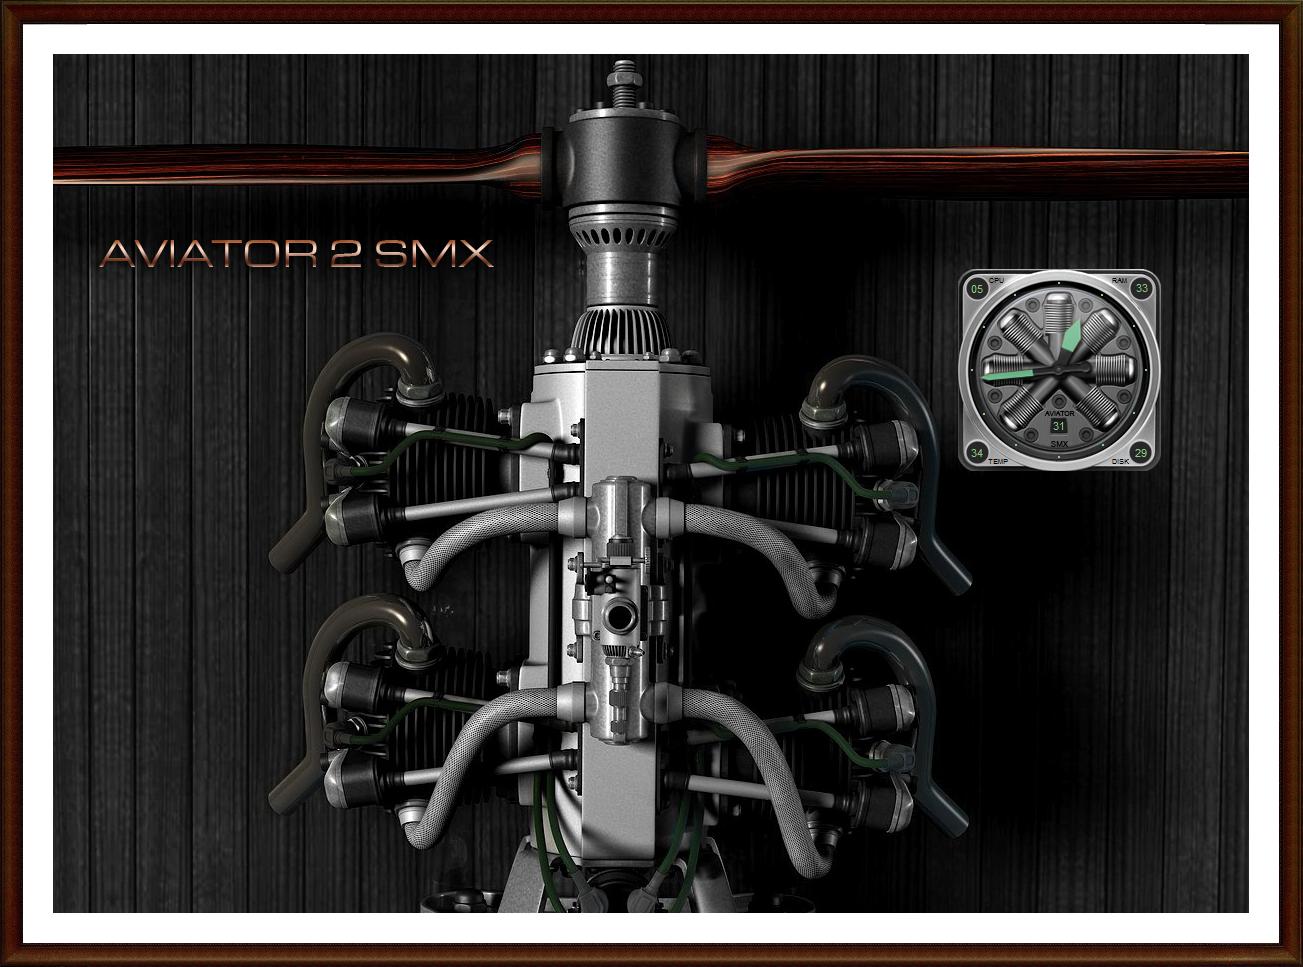 Aviator 2 SMX